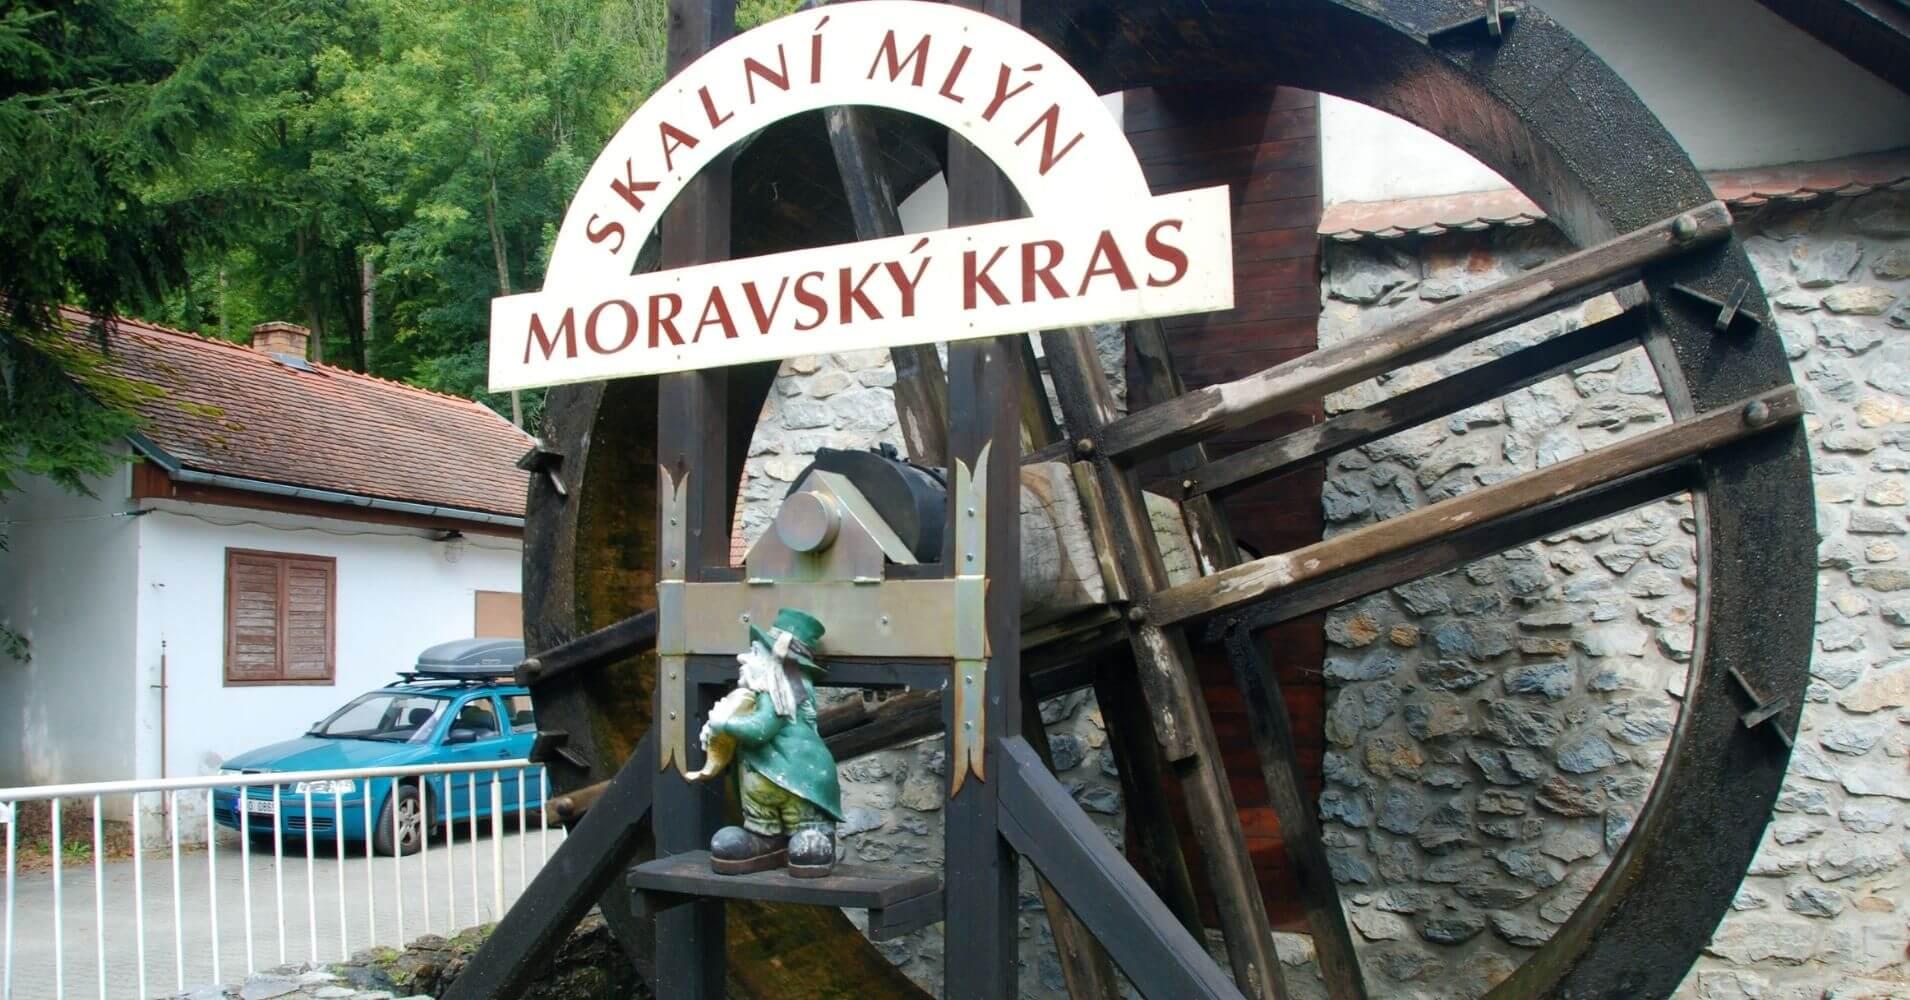 Skalní Mlýn Molino Skalni. Karts de Moravia. República Checa.